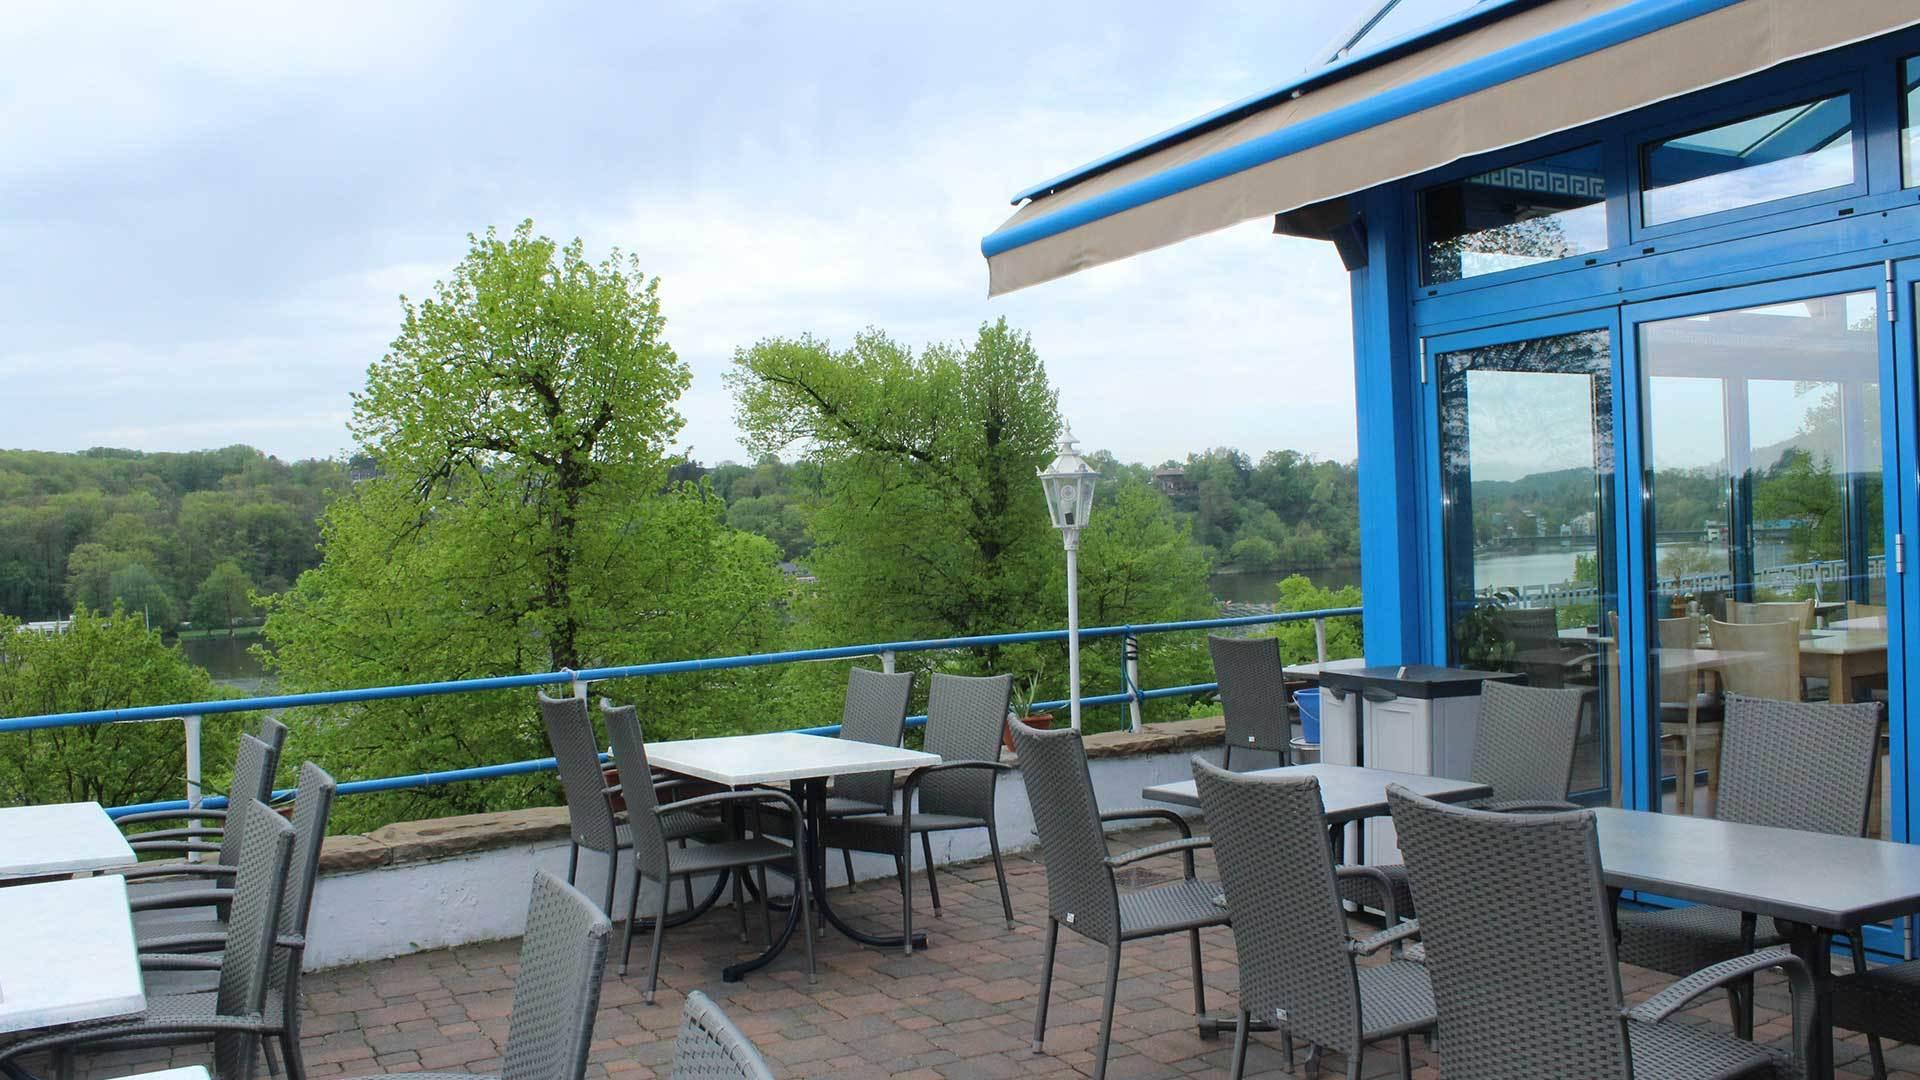 Stille-Immobilien-Restaurant-in-Essen-zum-Verkauf-Aussenansicht-3